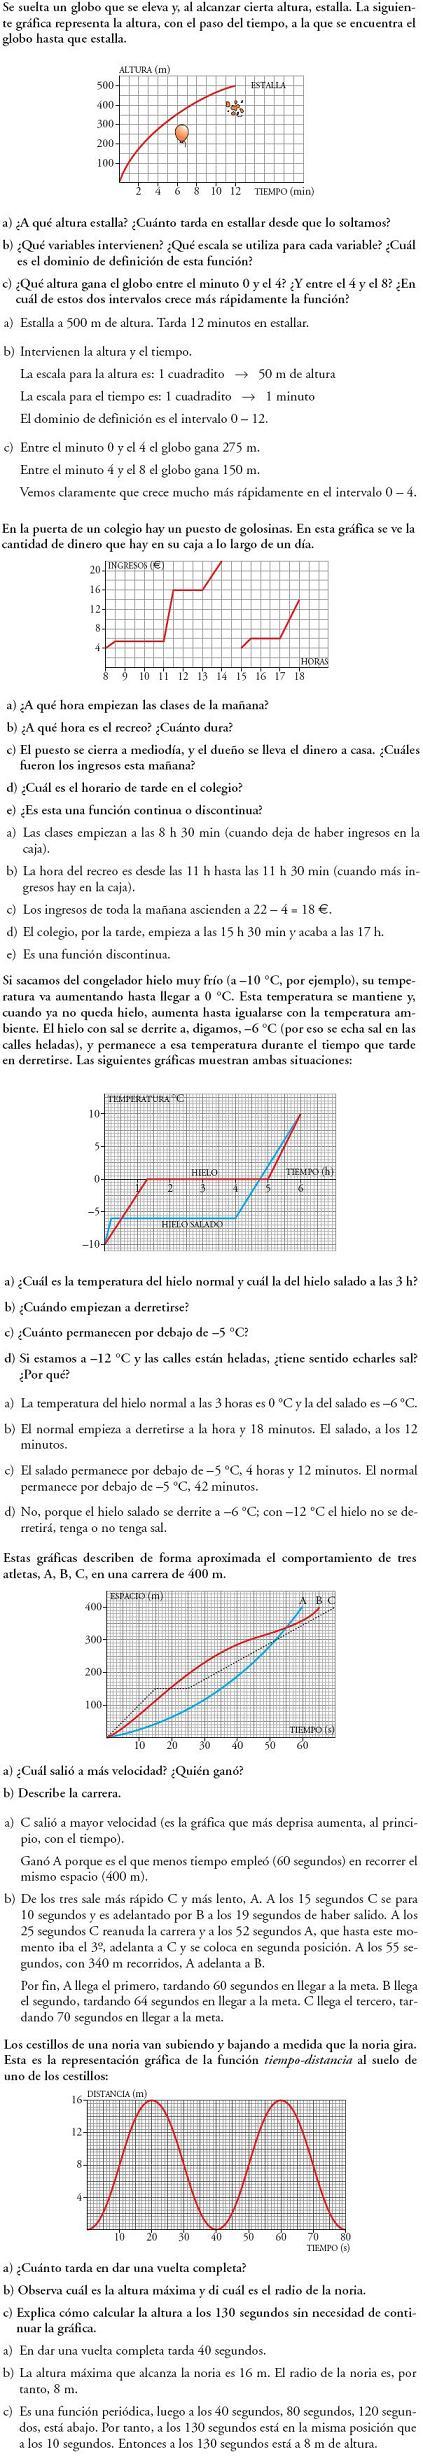 Matemáticas. Problemas resueltos 3º ESO - Interpretación de gráficas